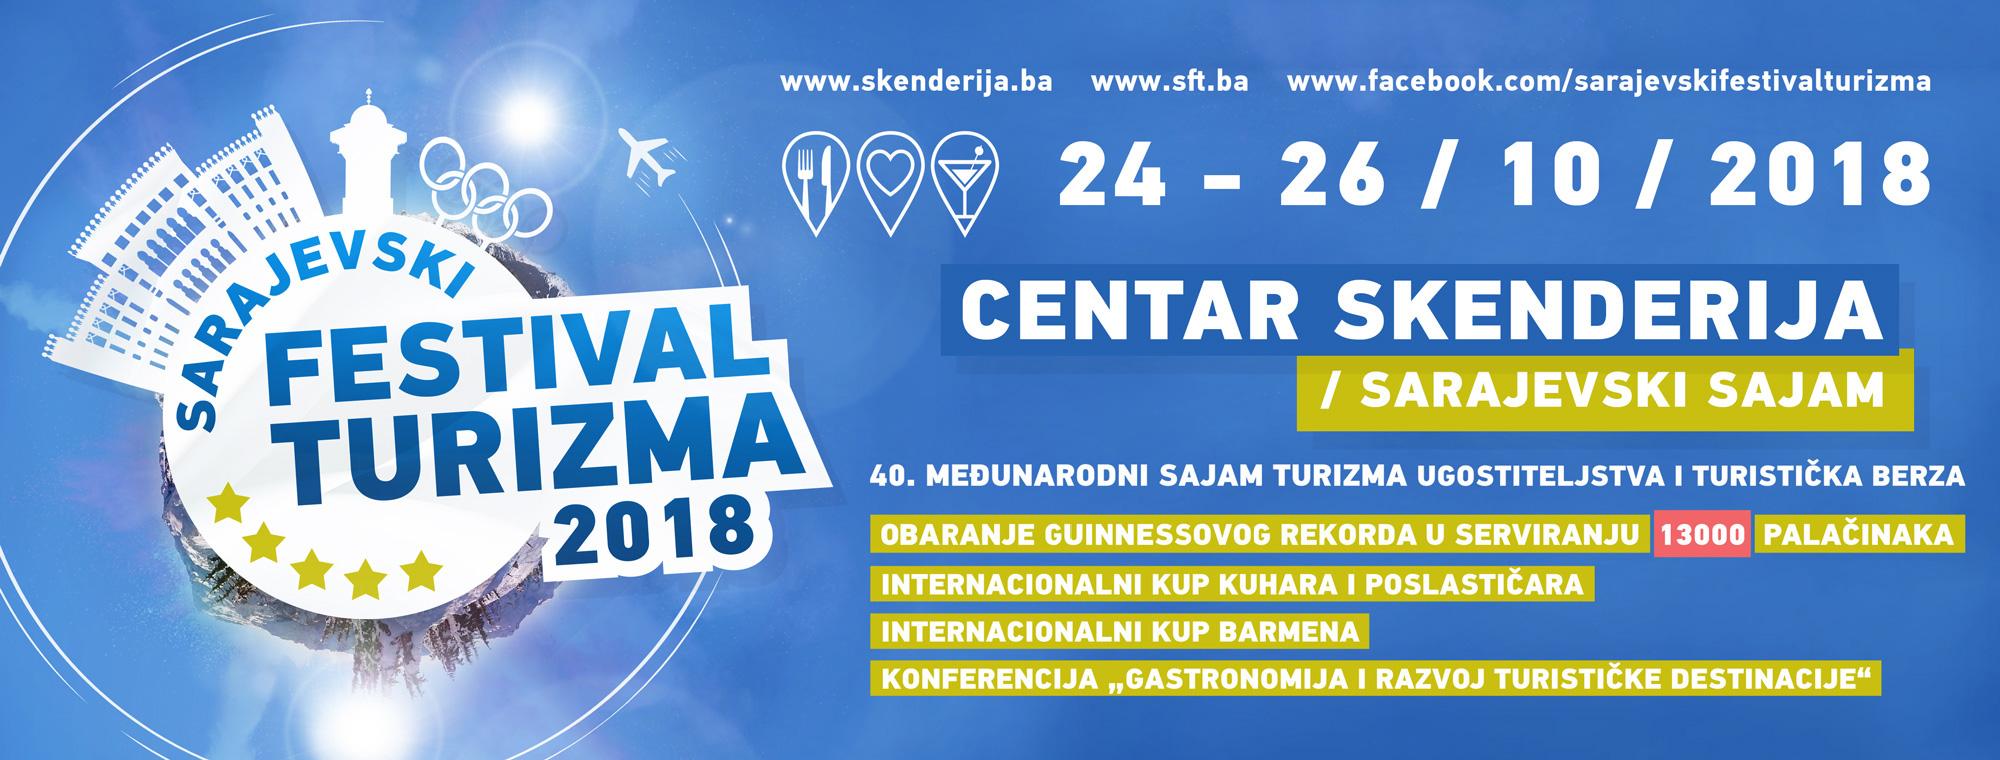 Međunarodni sajam turizma, ugostiteljstva i turistička berza od 24. do 26. oktobra u Sarajevu